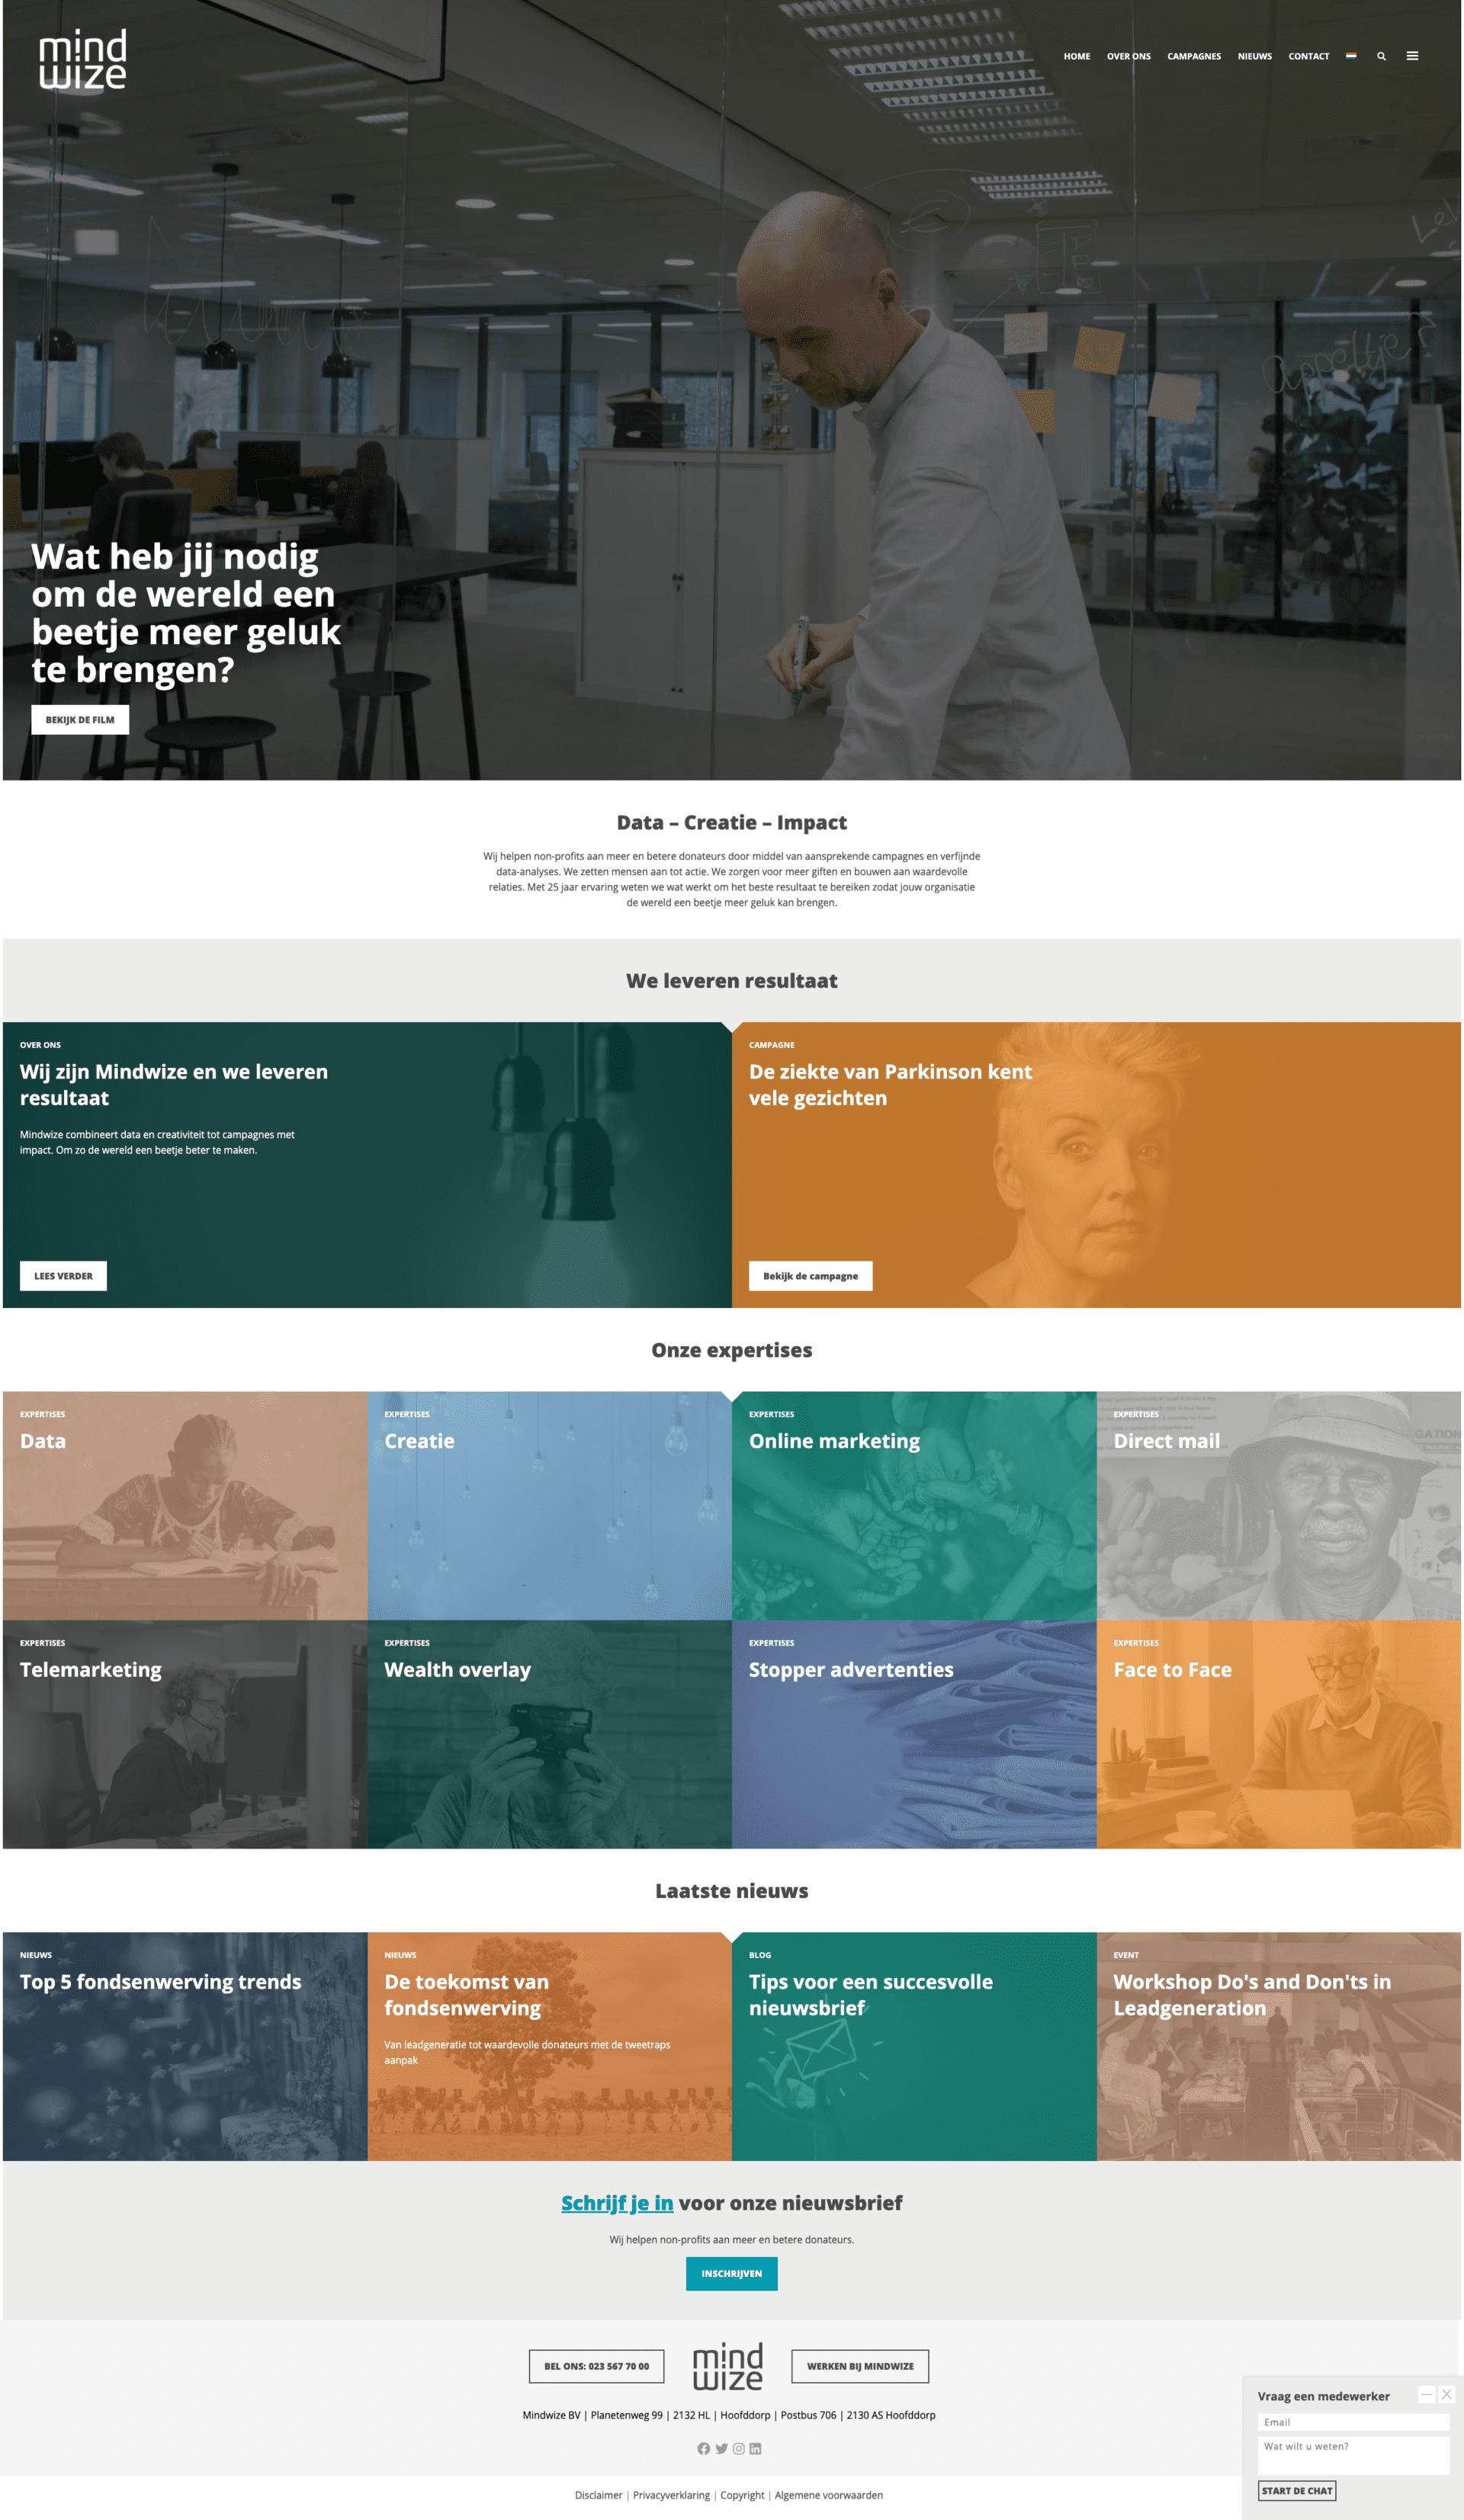 Website van mindwize.nl